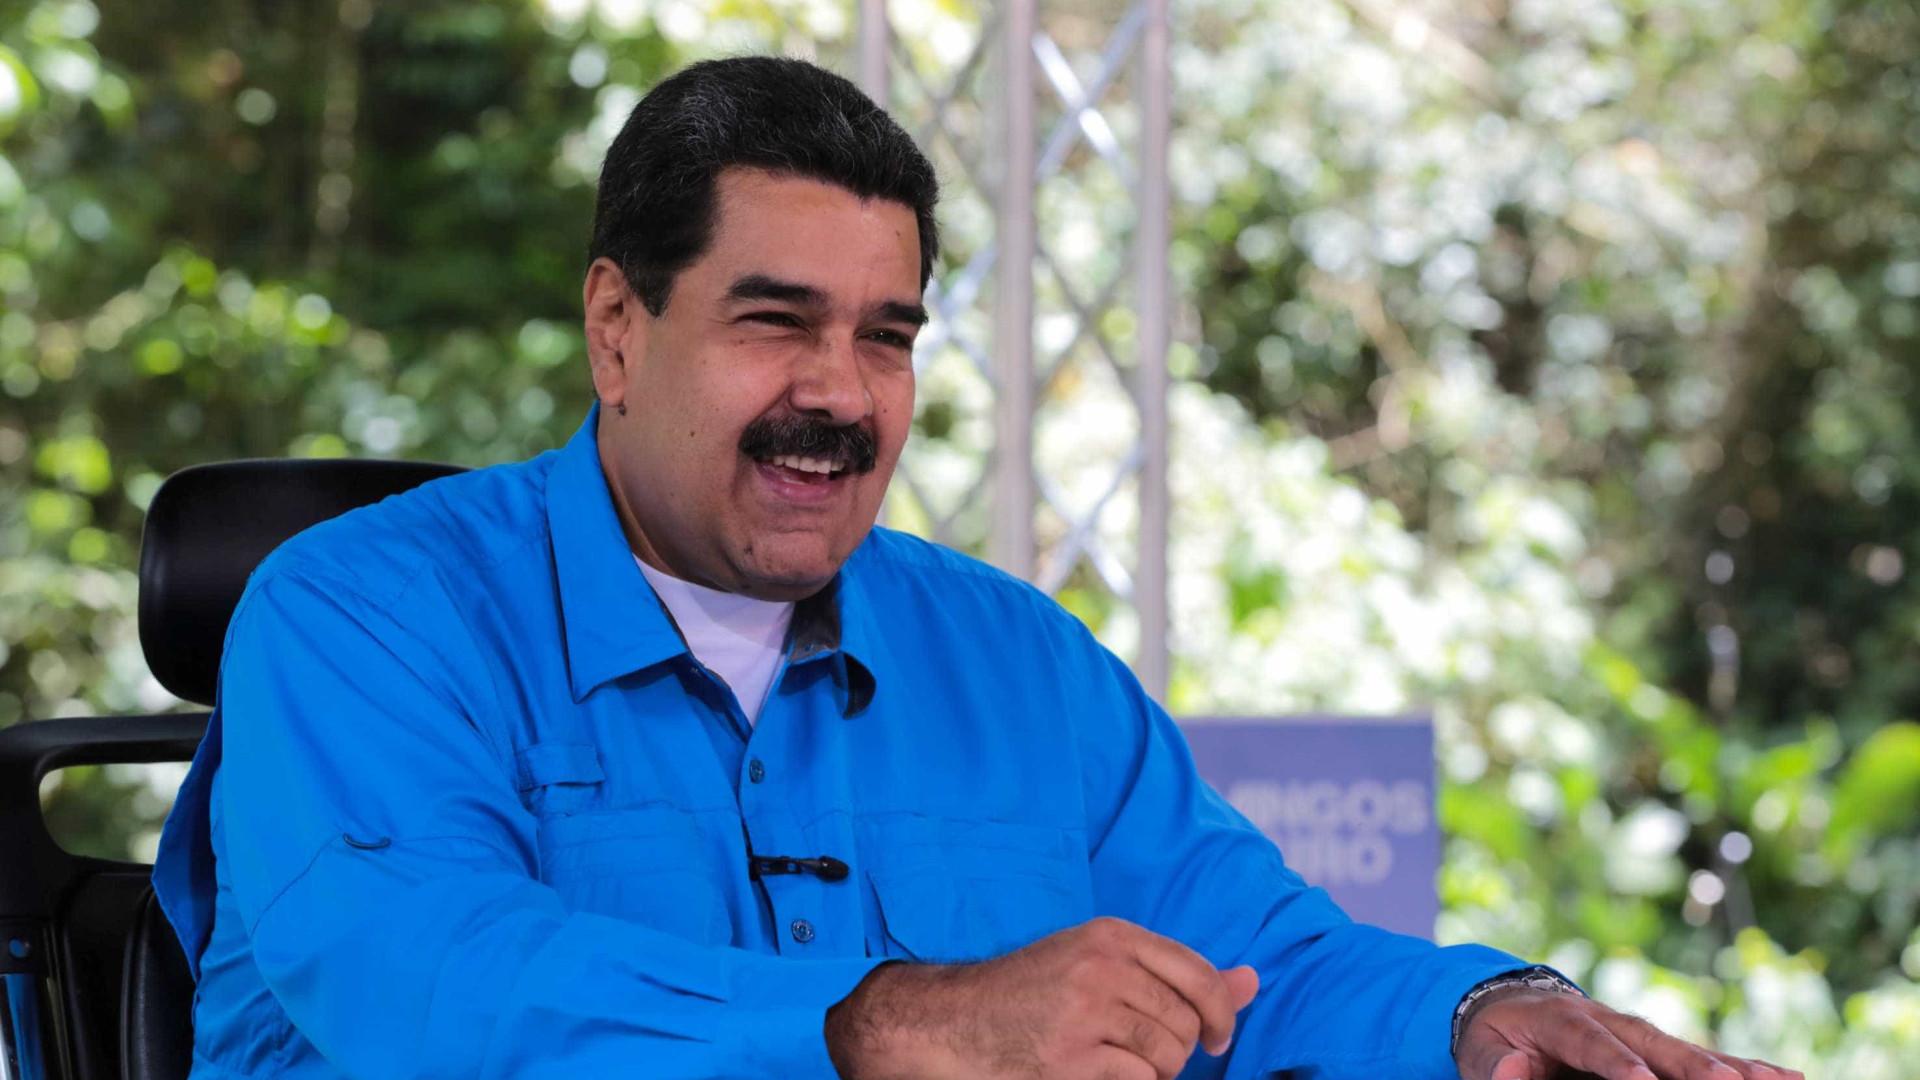 Vídeo postado por Maduro em rede social repercute entre internautas